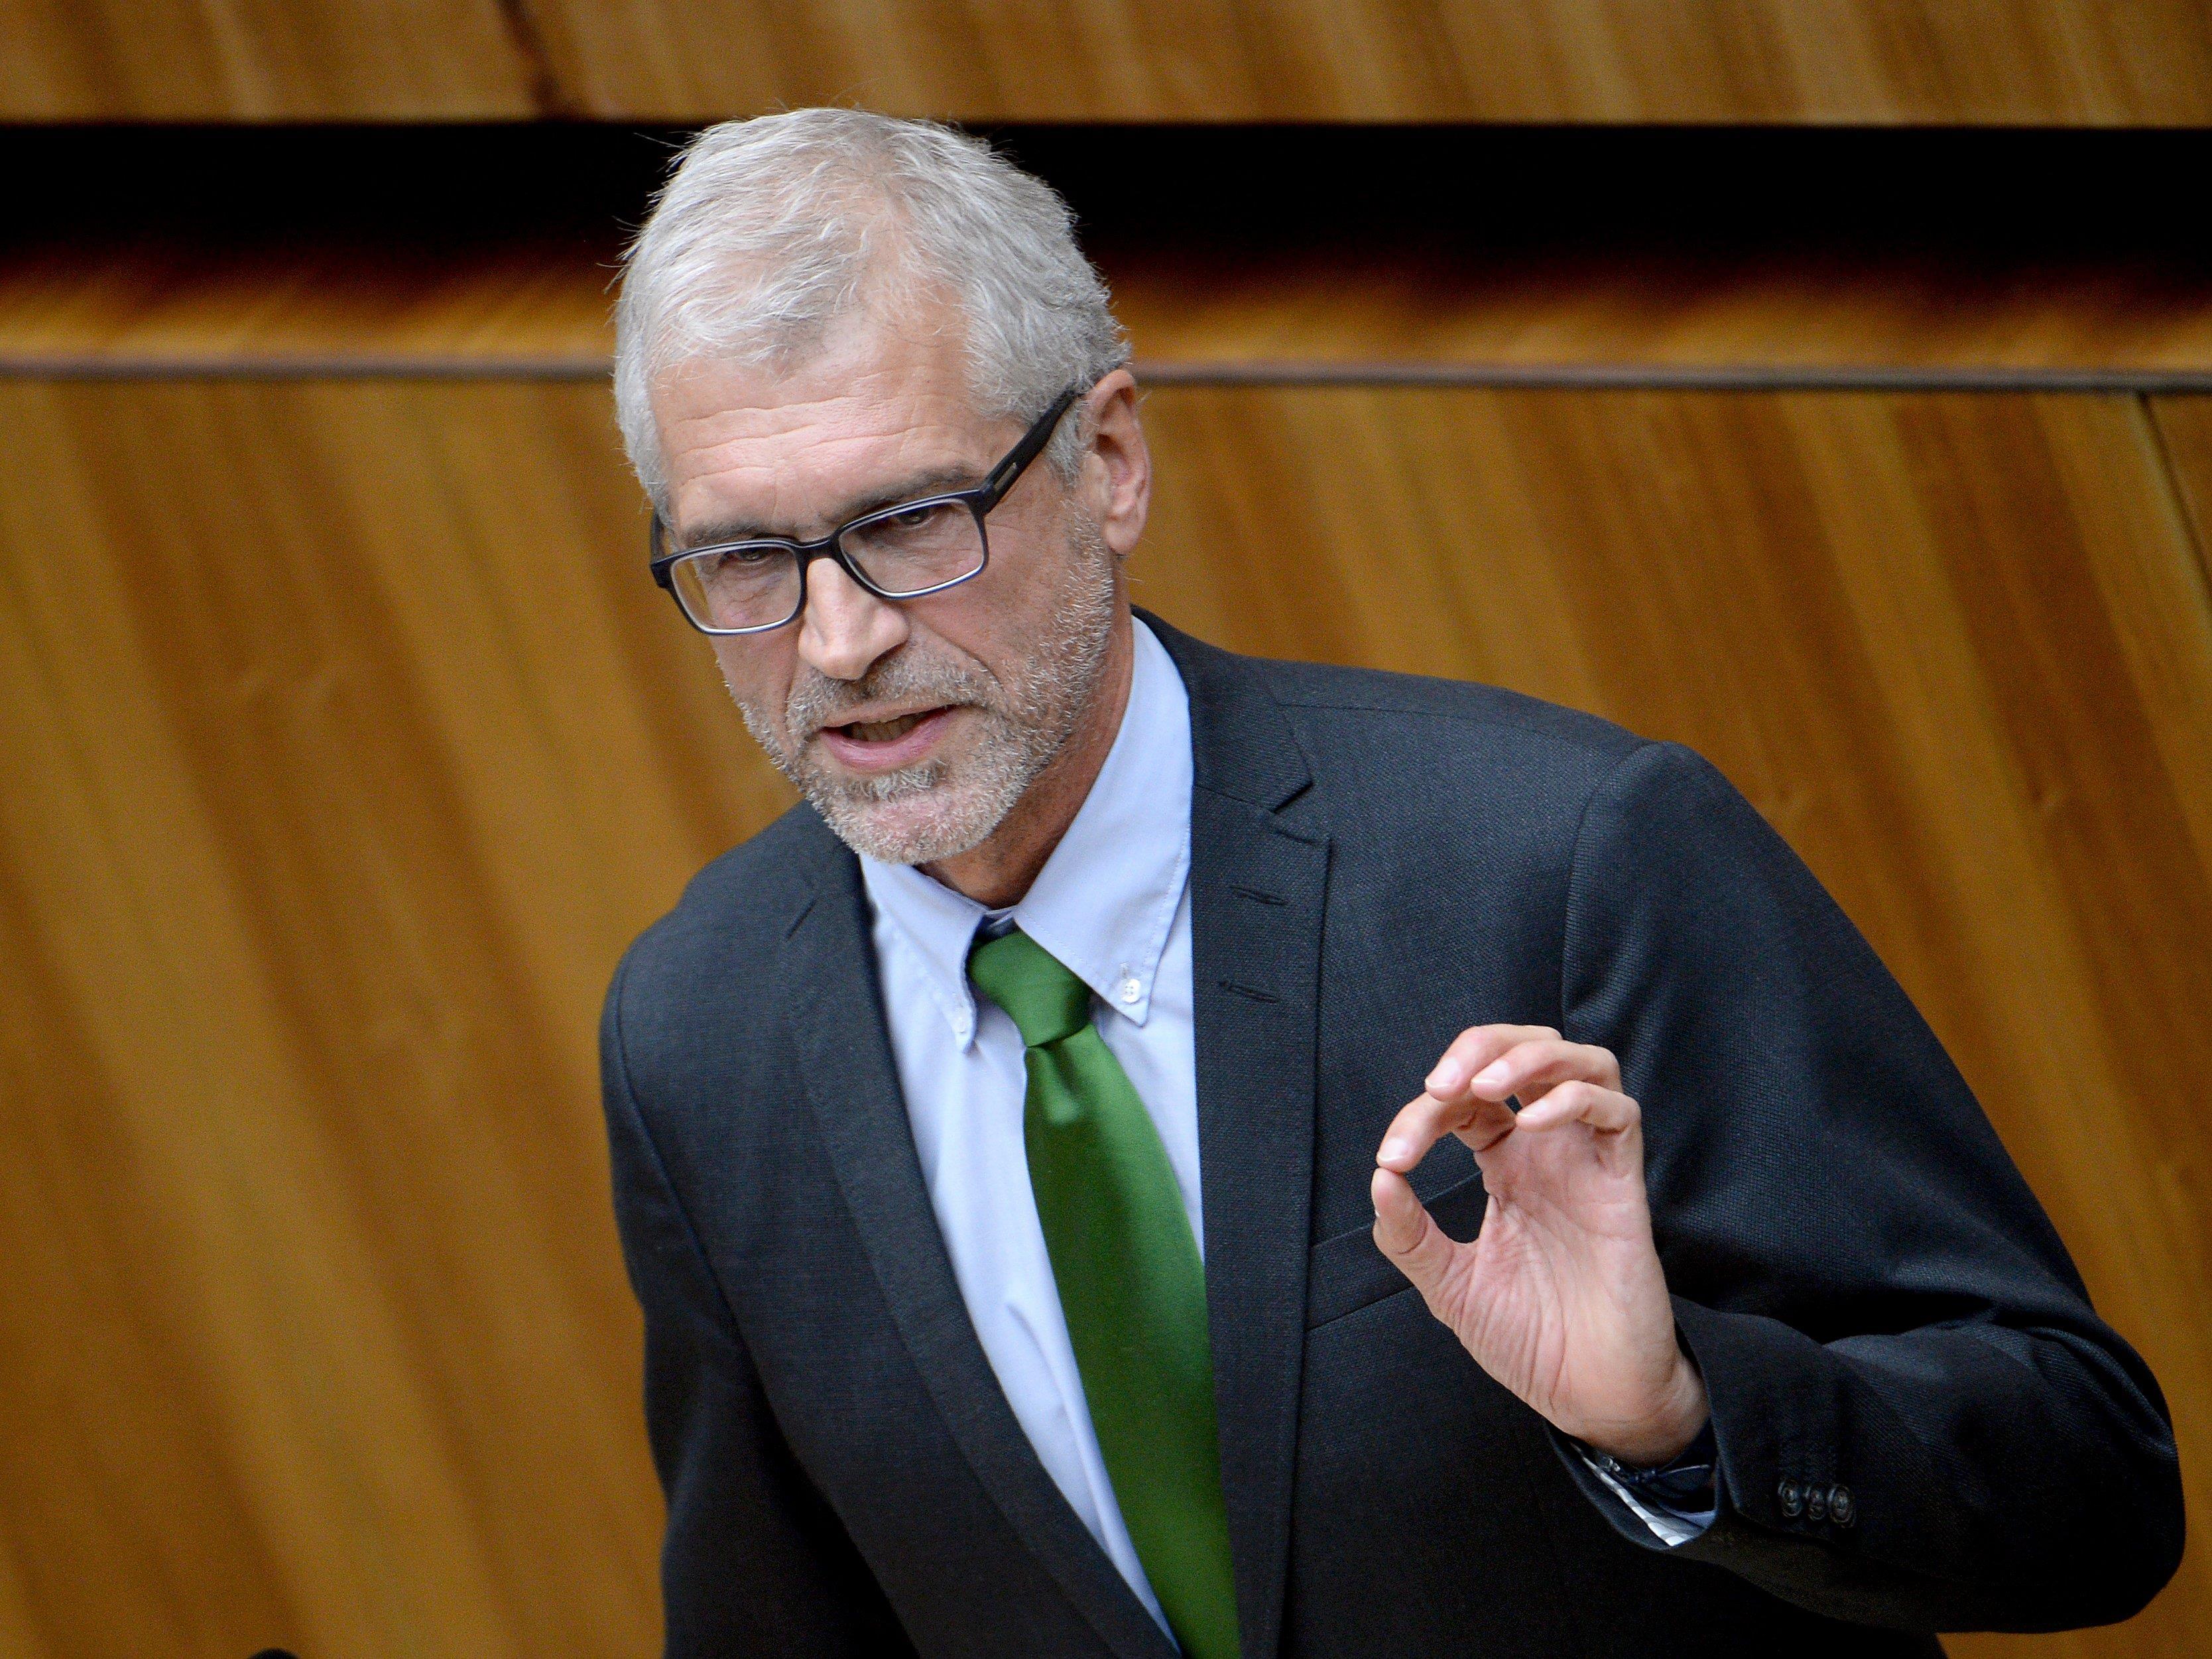 Der Vorarlberger Grünen-Abgeordnete Harald Walser fordert nach dem Streit mit der Parteijungend nun klare inhaltliche Positionen.